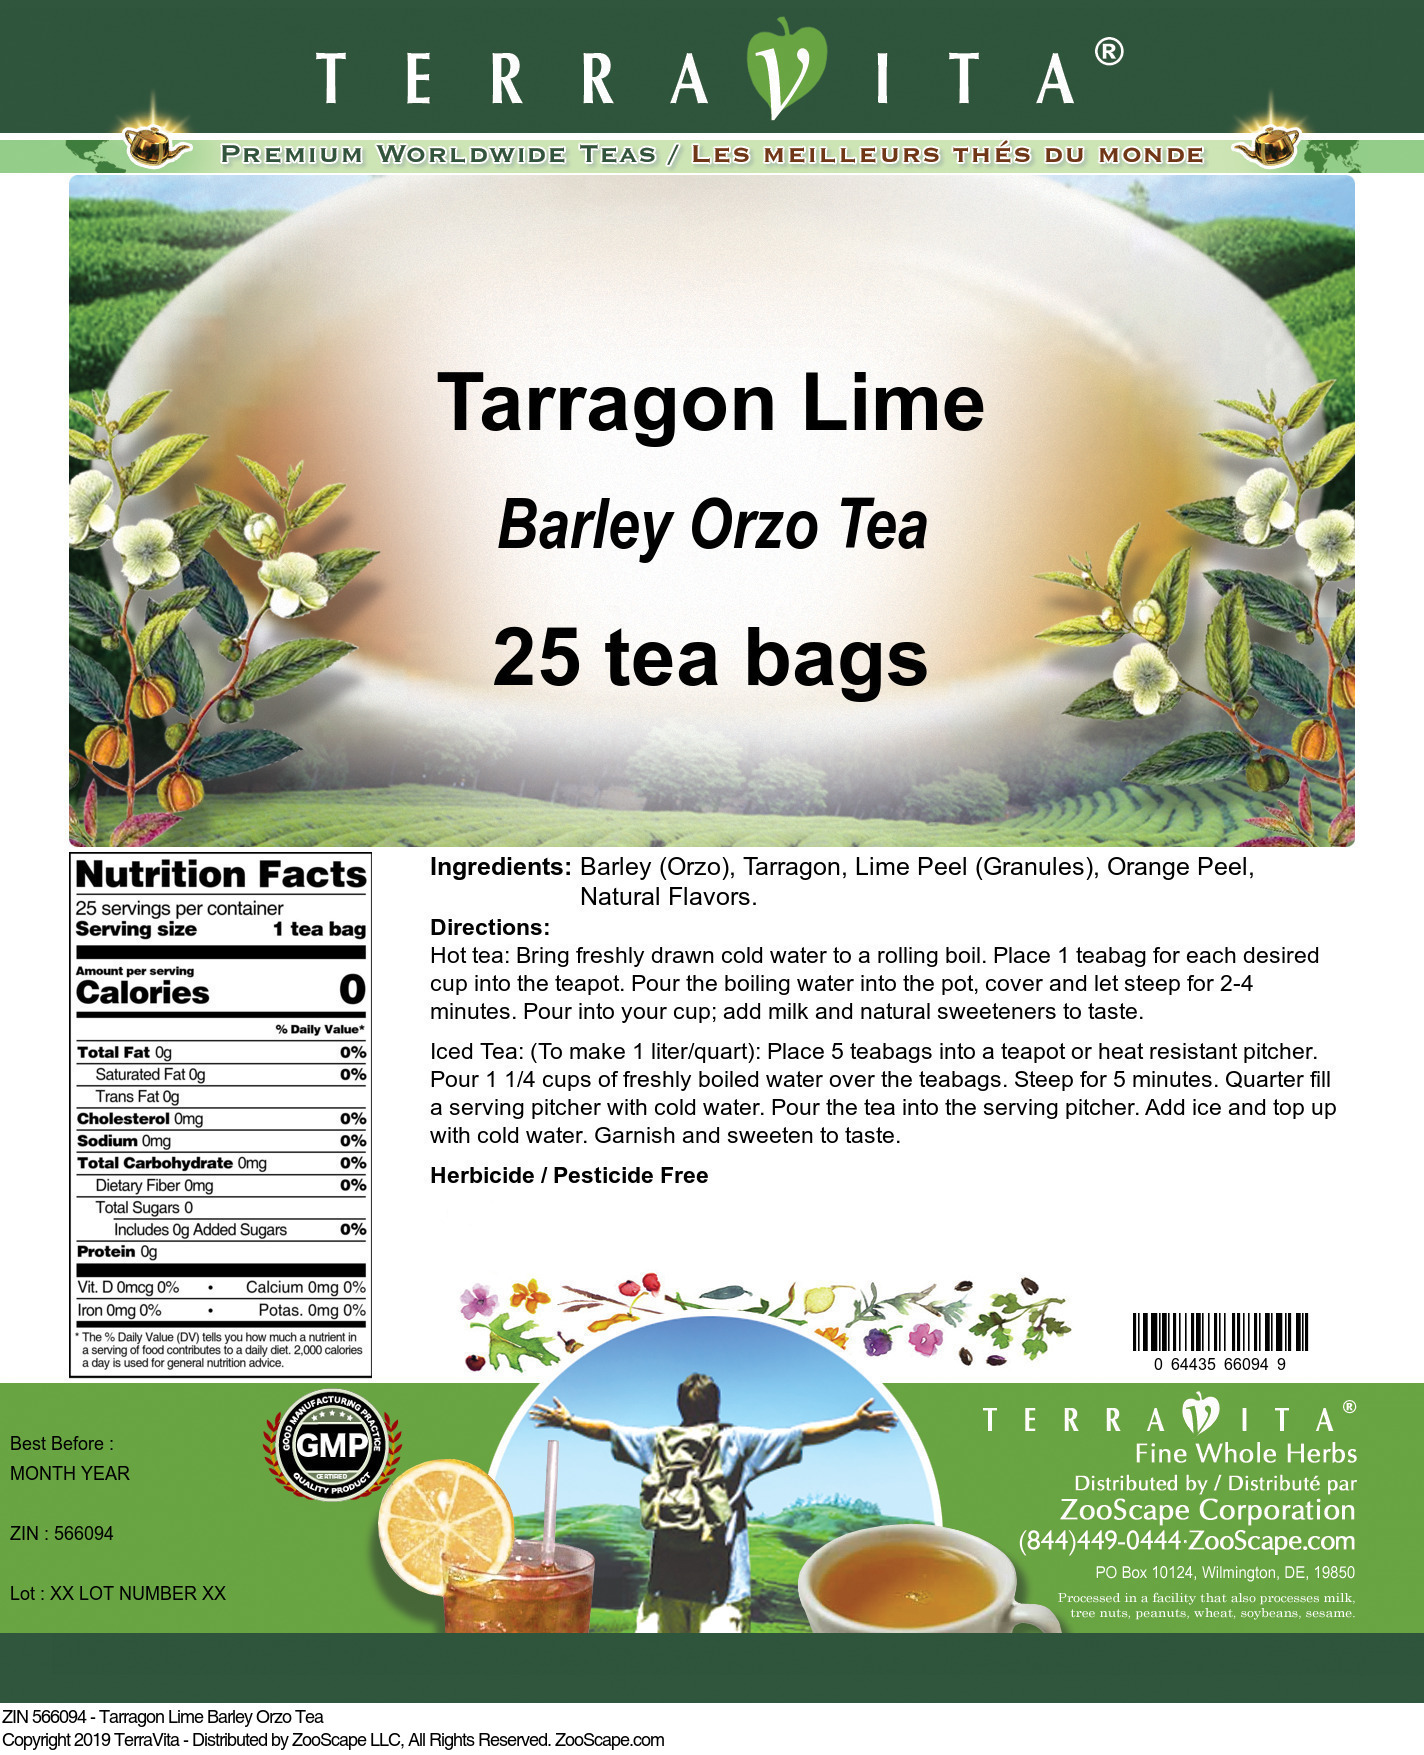 Tarragon Lime Barley Orzo Tea